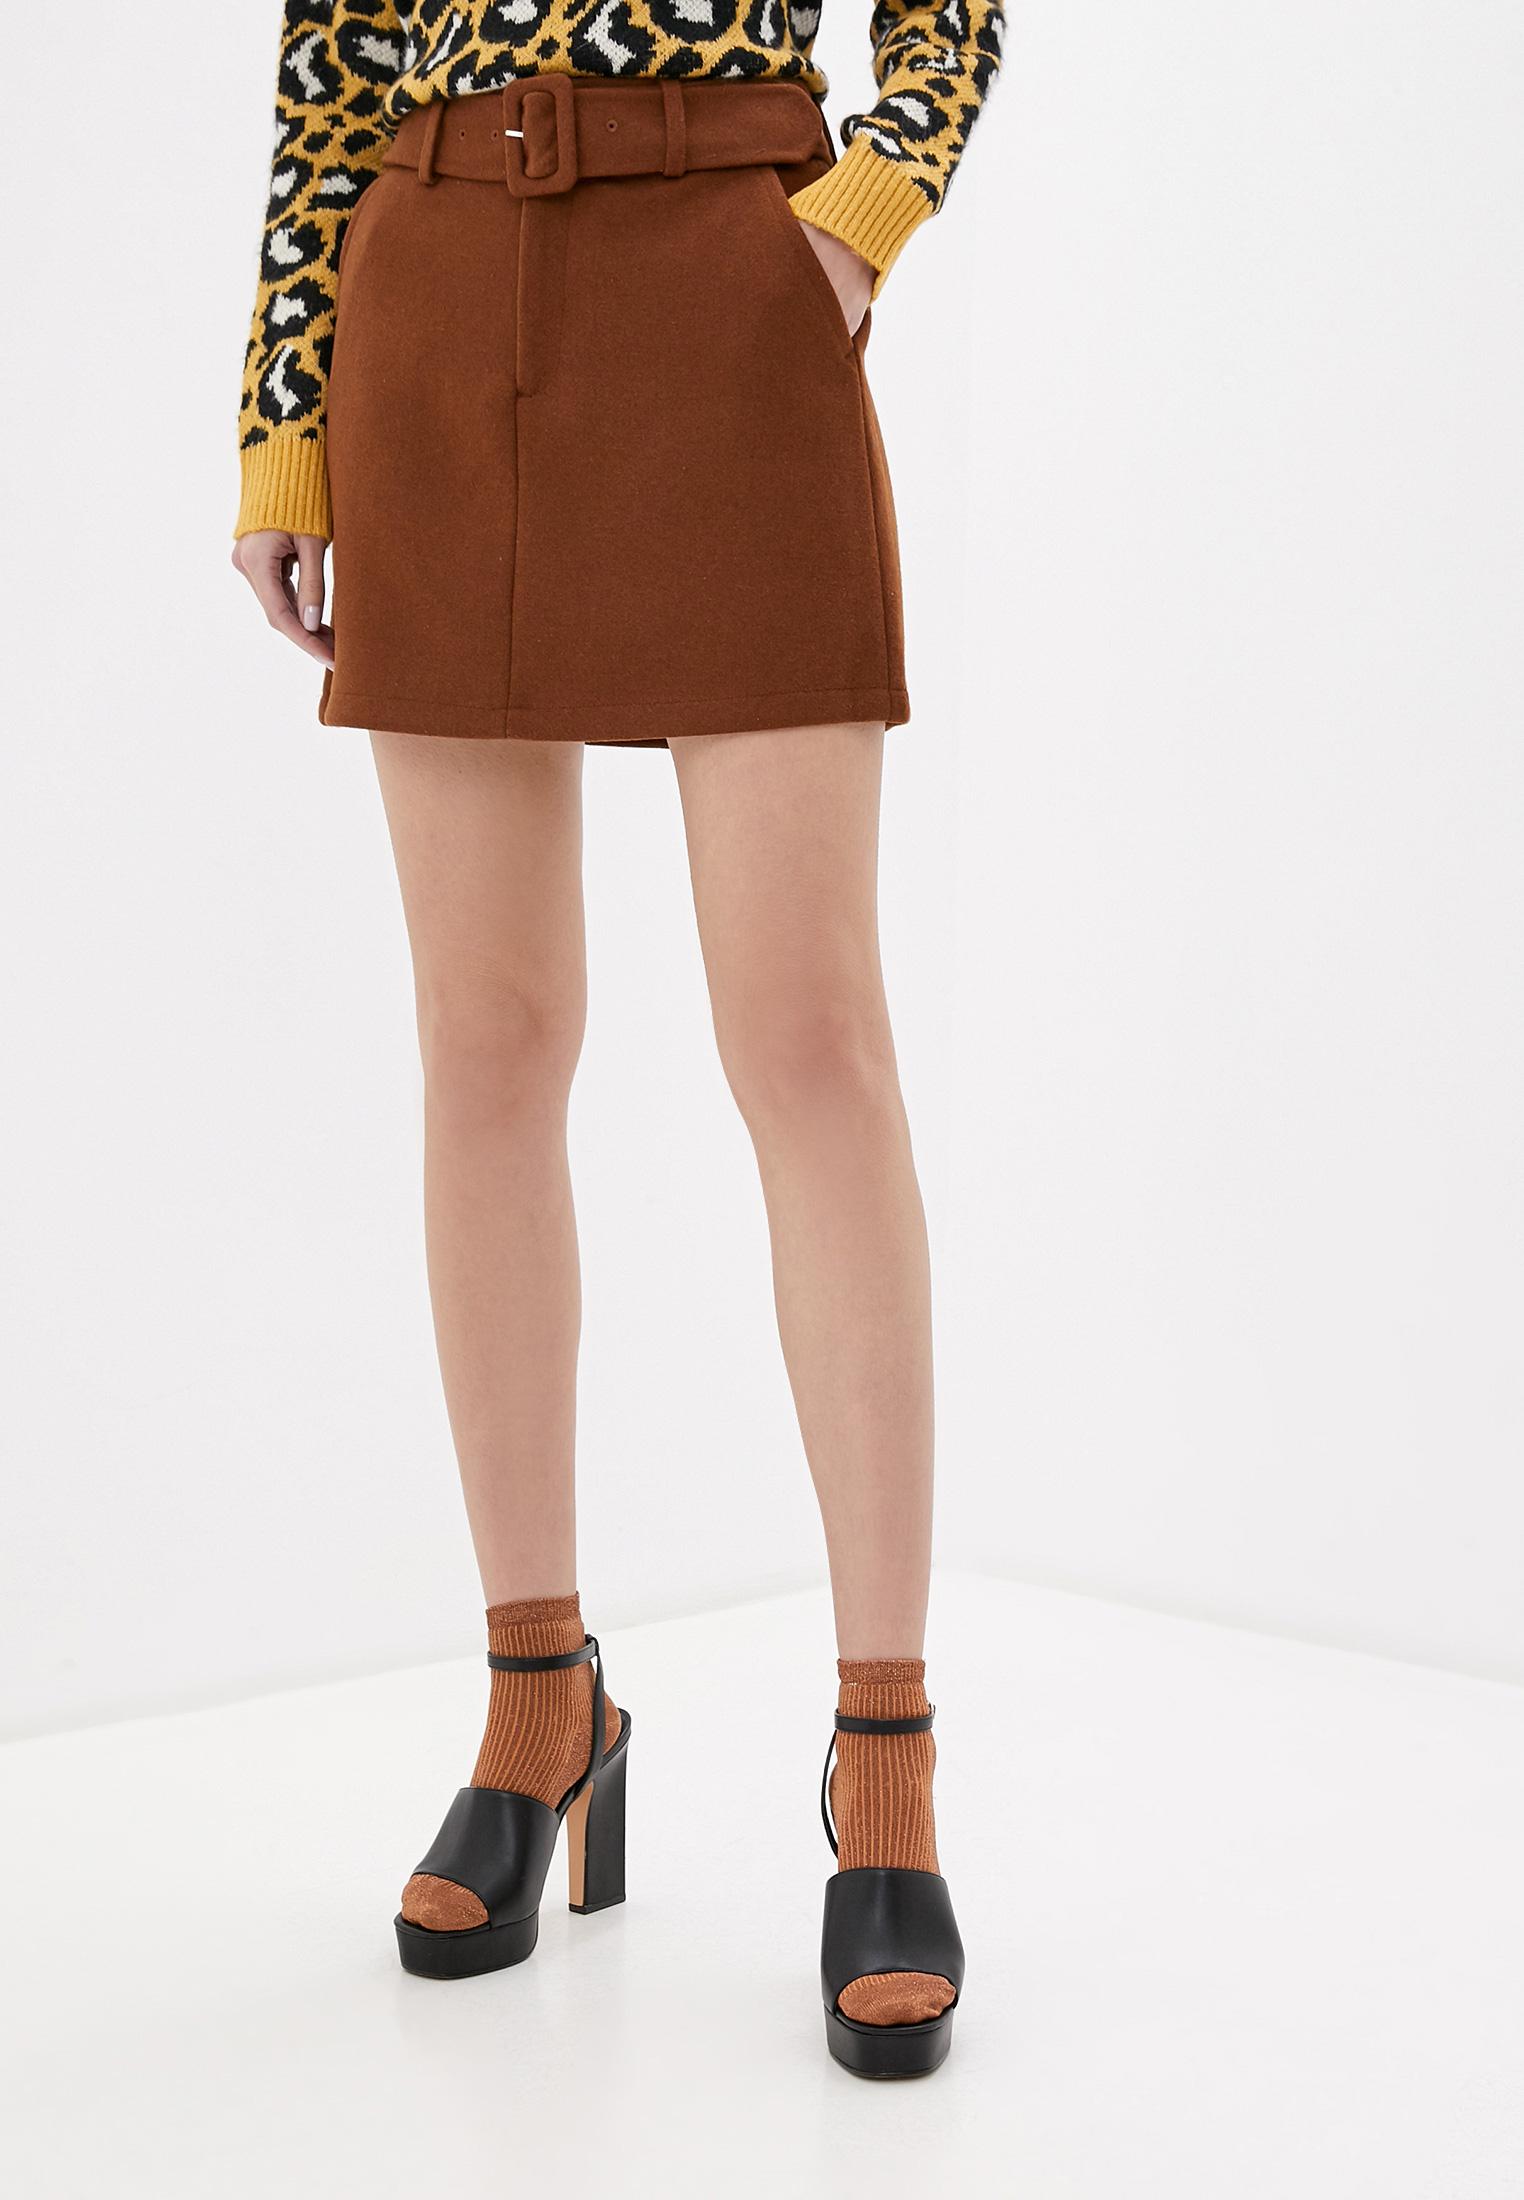 Прямая юбка Vero Moda (Веро Мода) 10218027